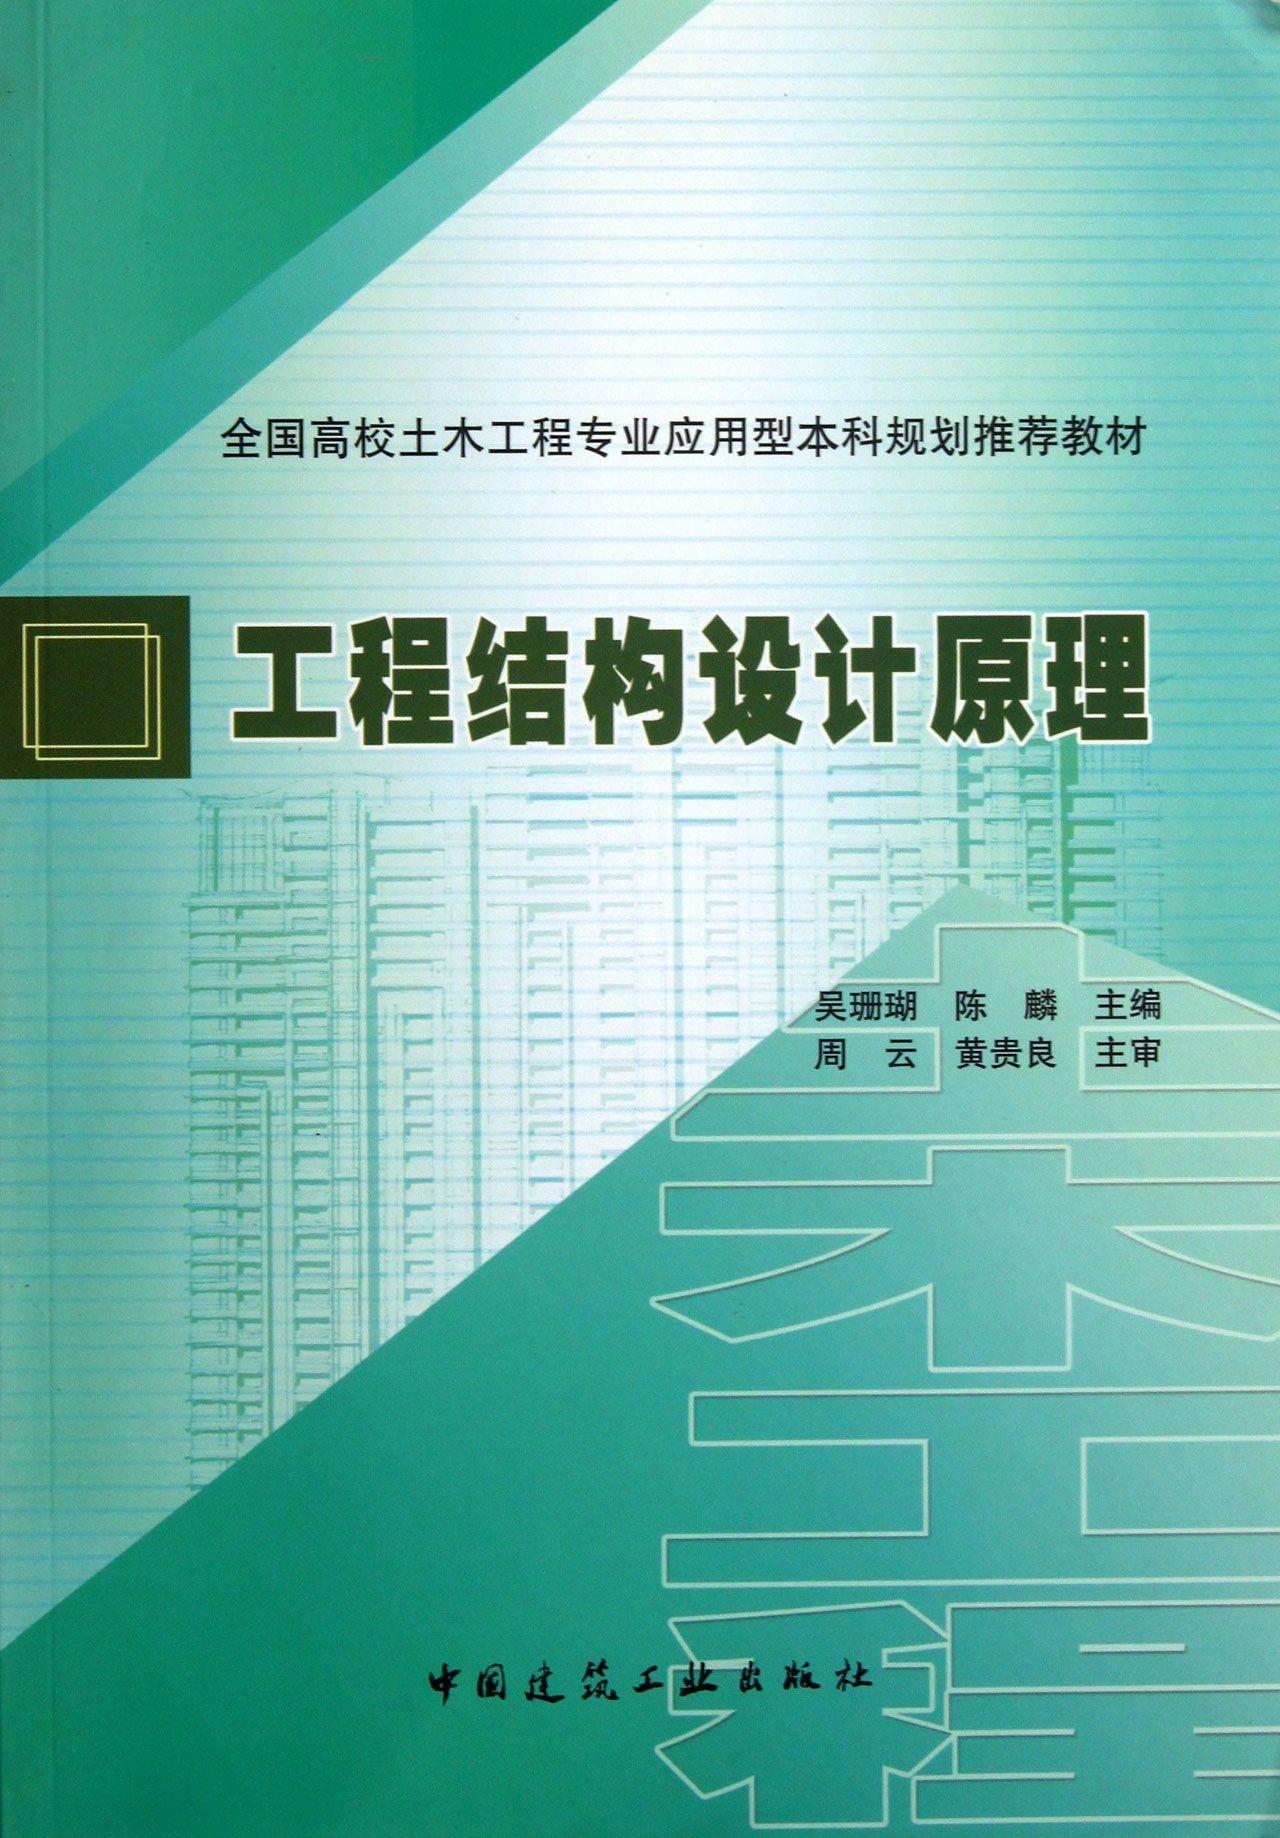 工程结构设计原理(全国高校土木工程专业应用型本科规划推荐教材)